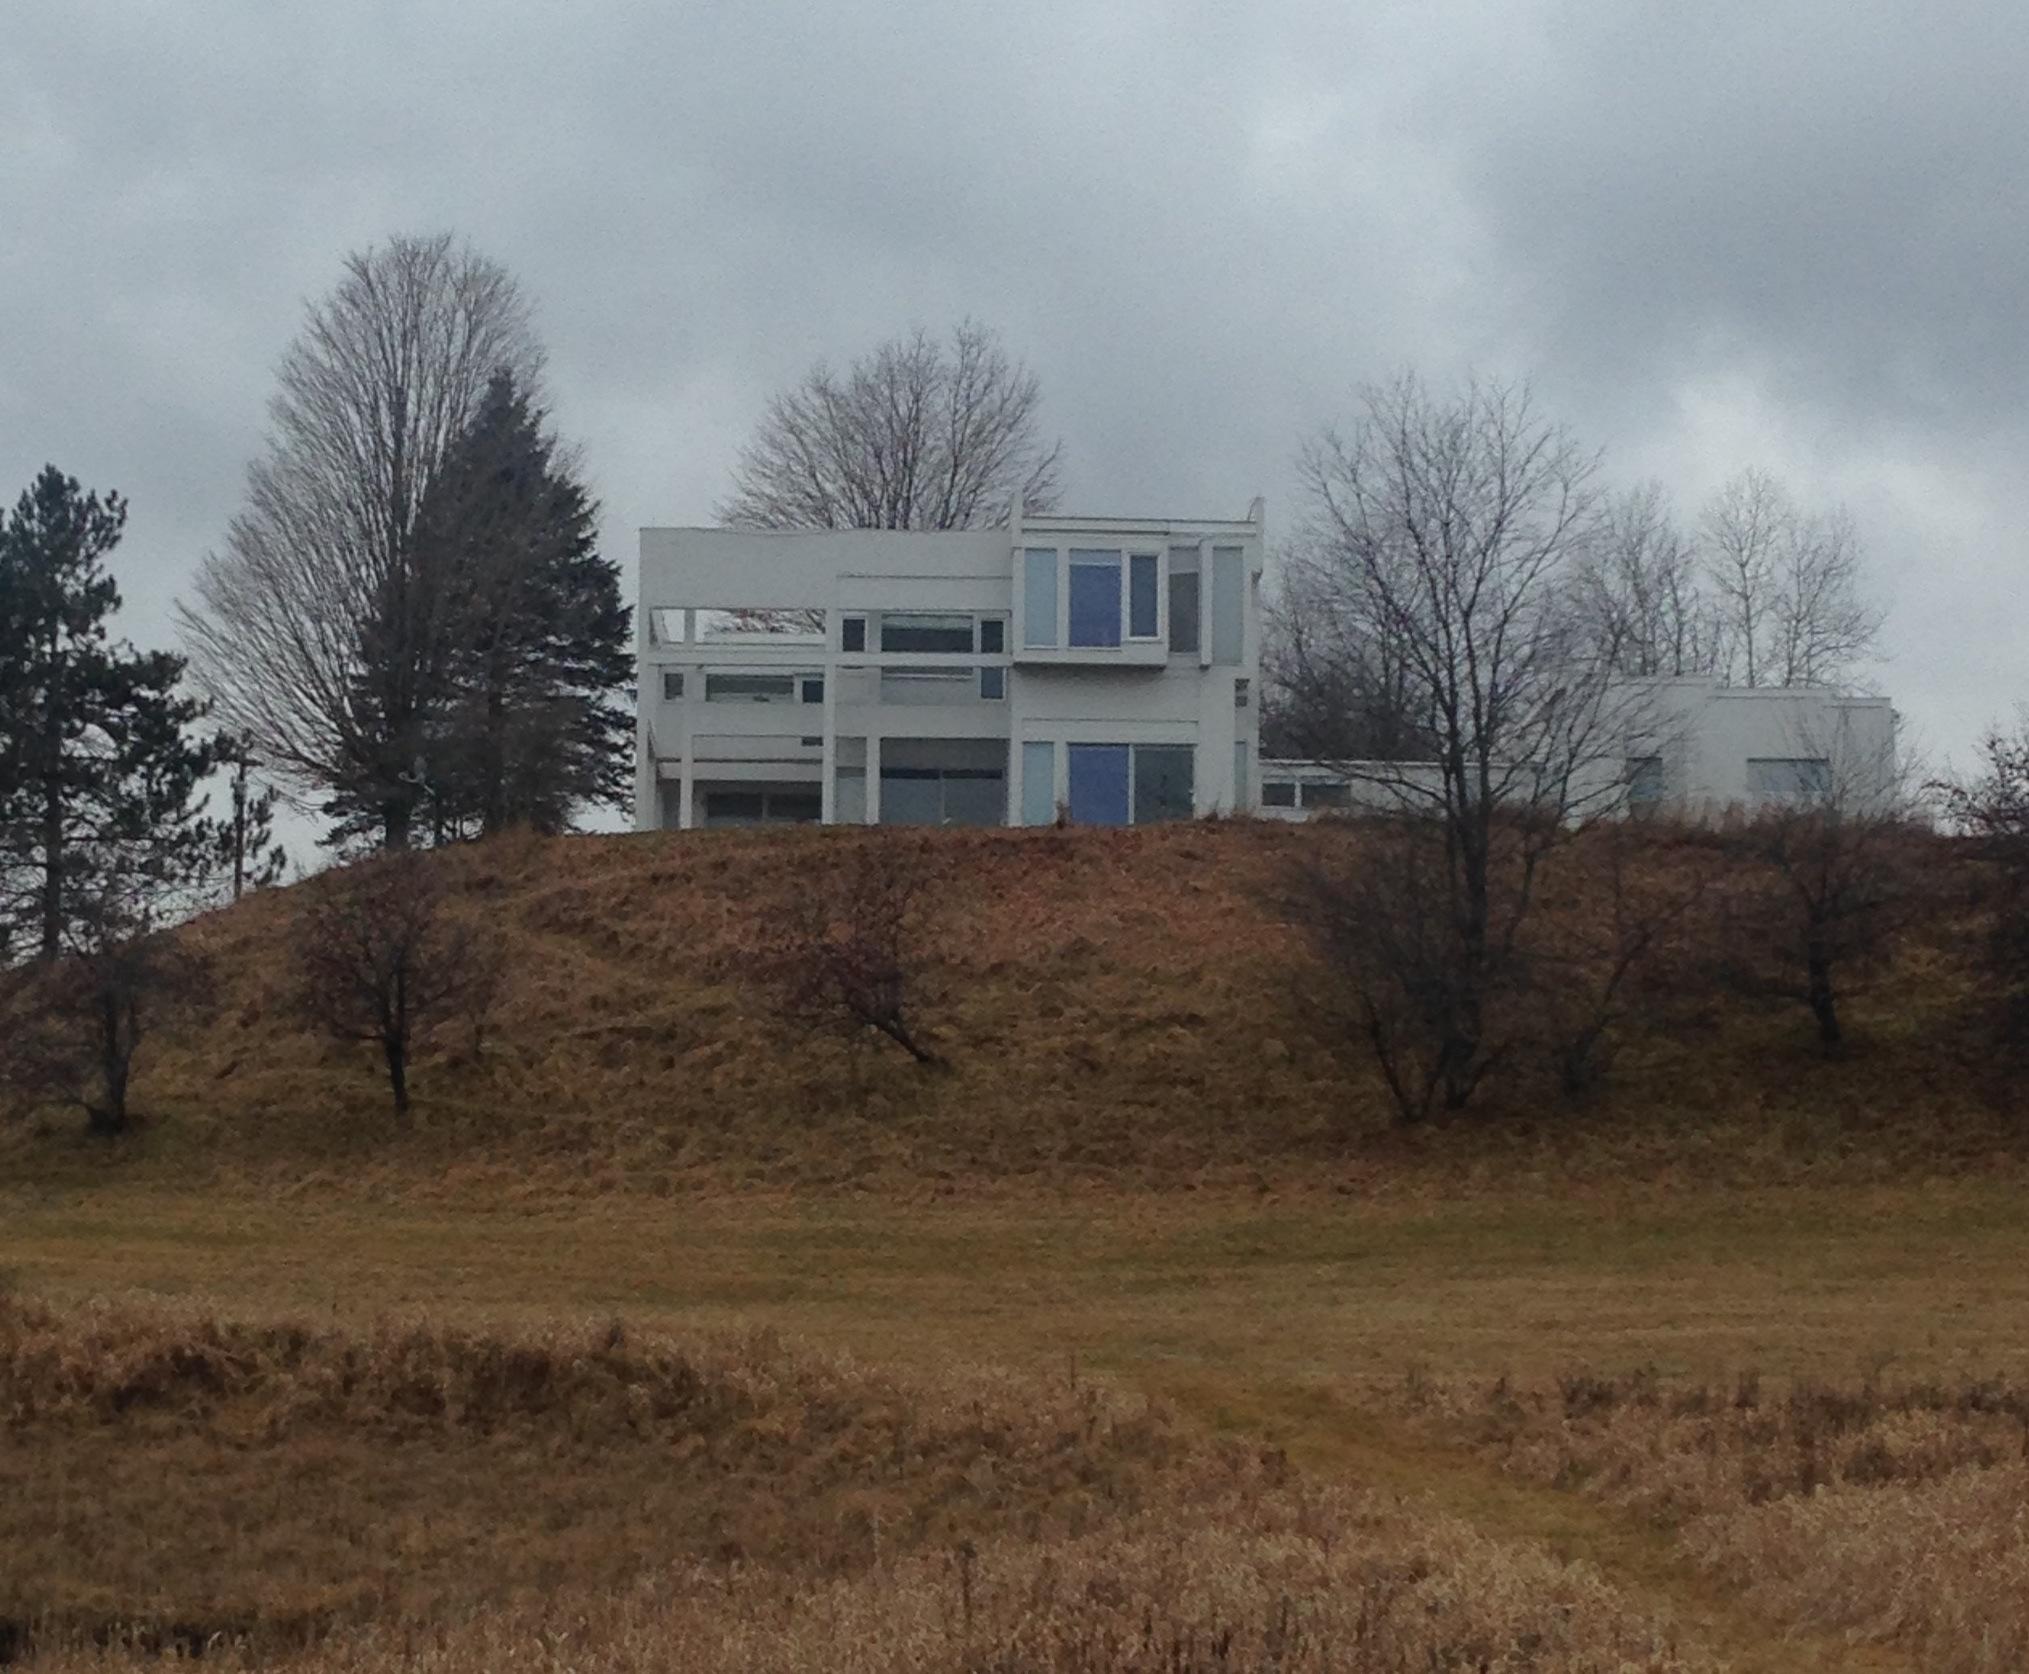 Hardwick, House II